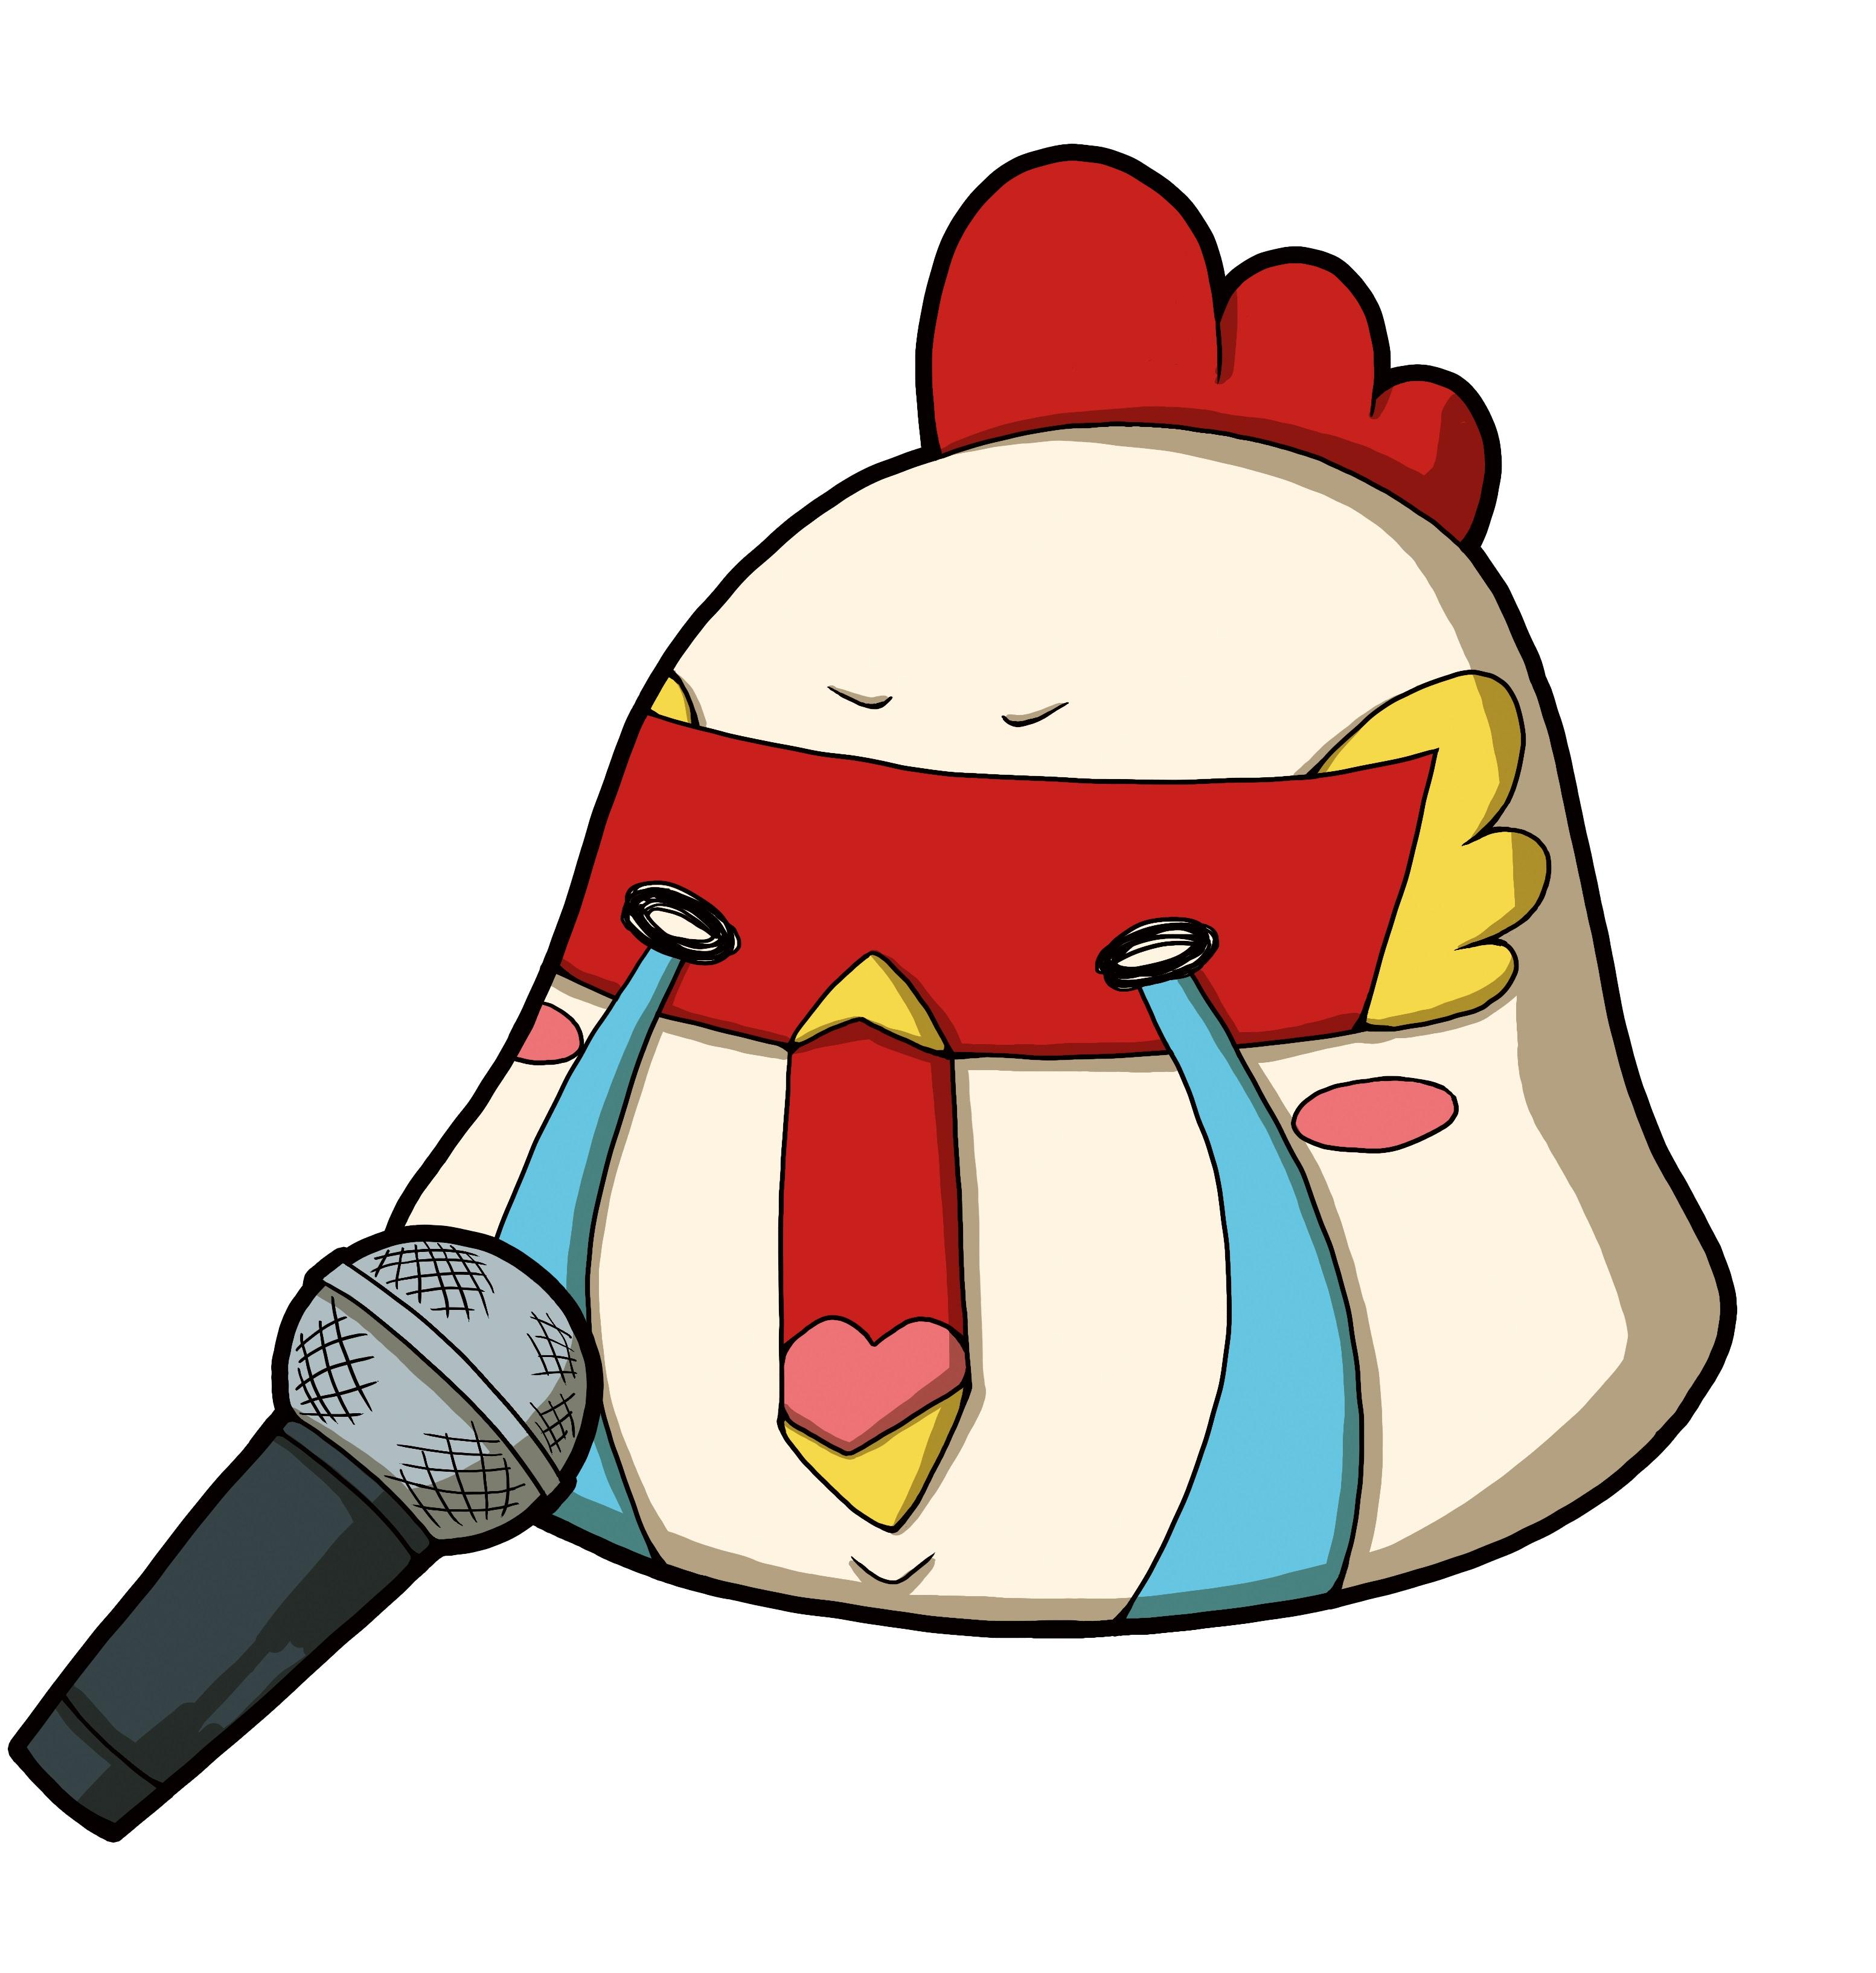 テンションMAX!ウザさもMAX! 特報解禁!!